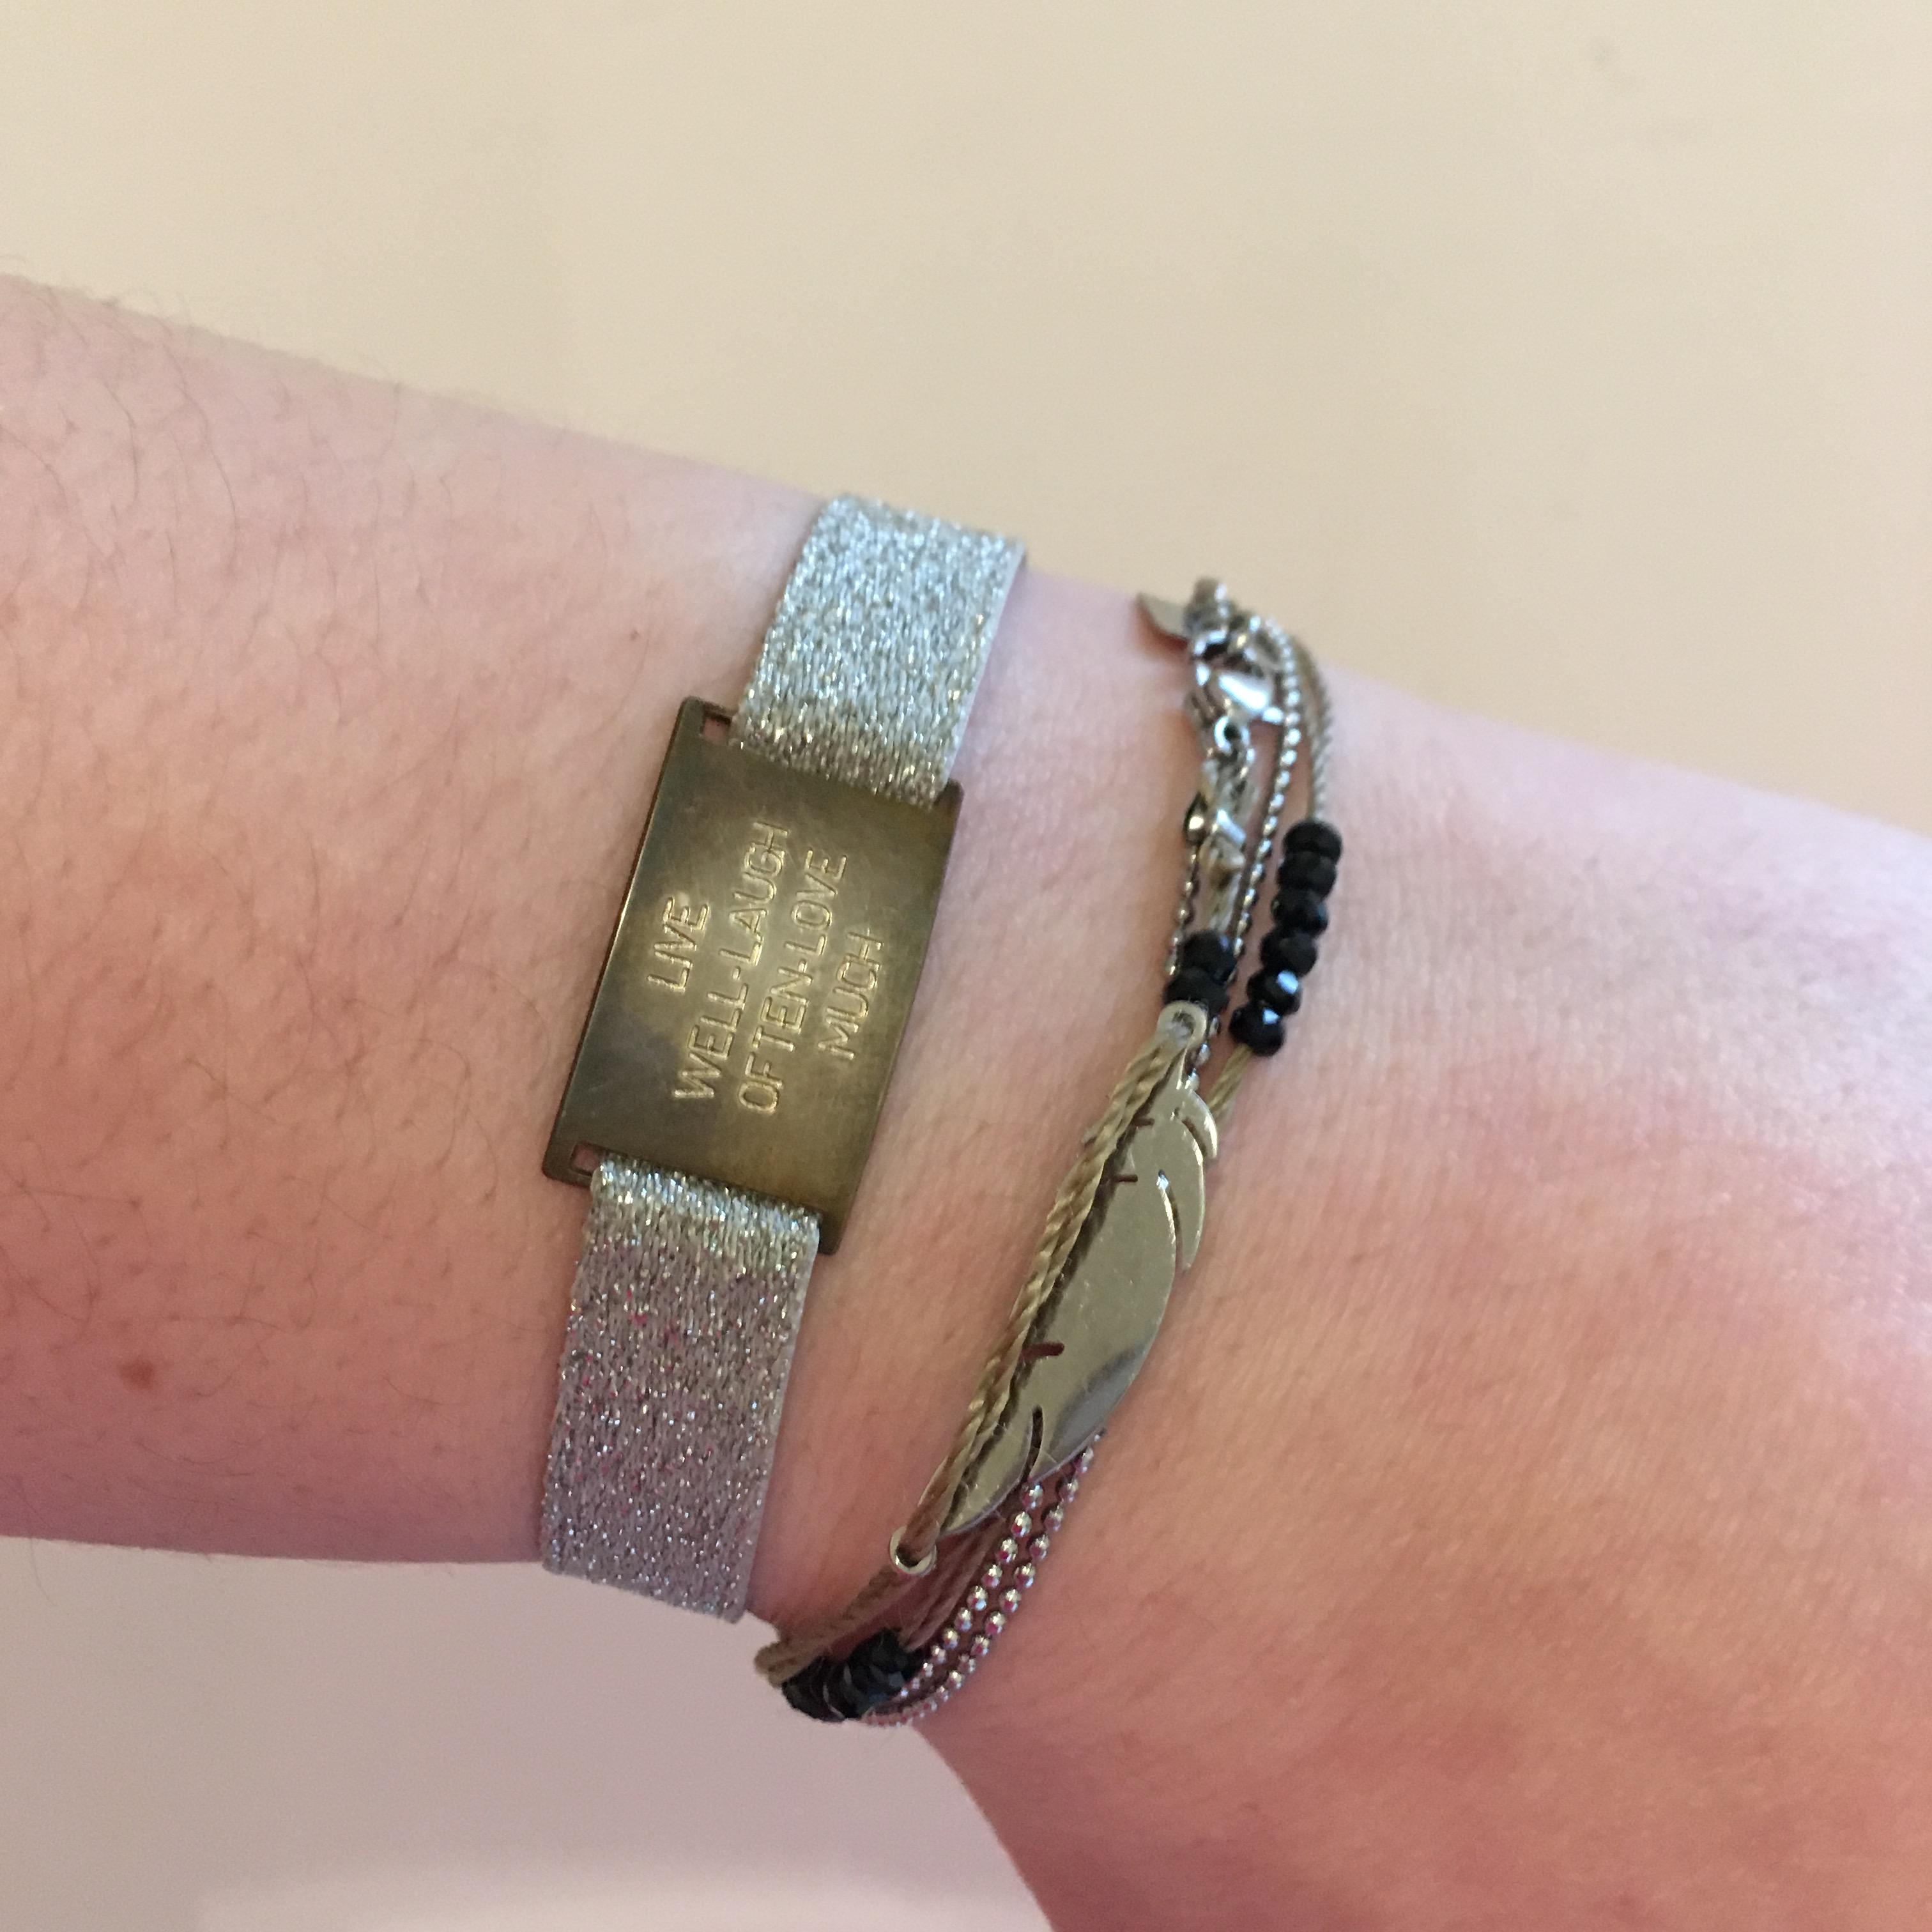 Bracelet abîmé après 3 mois vs un Zag que j'ai depuis plus d'un an... / Pic by 1FDLE.